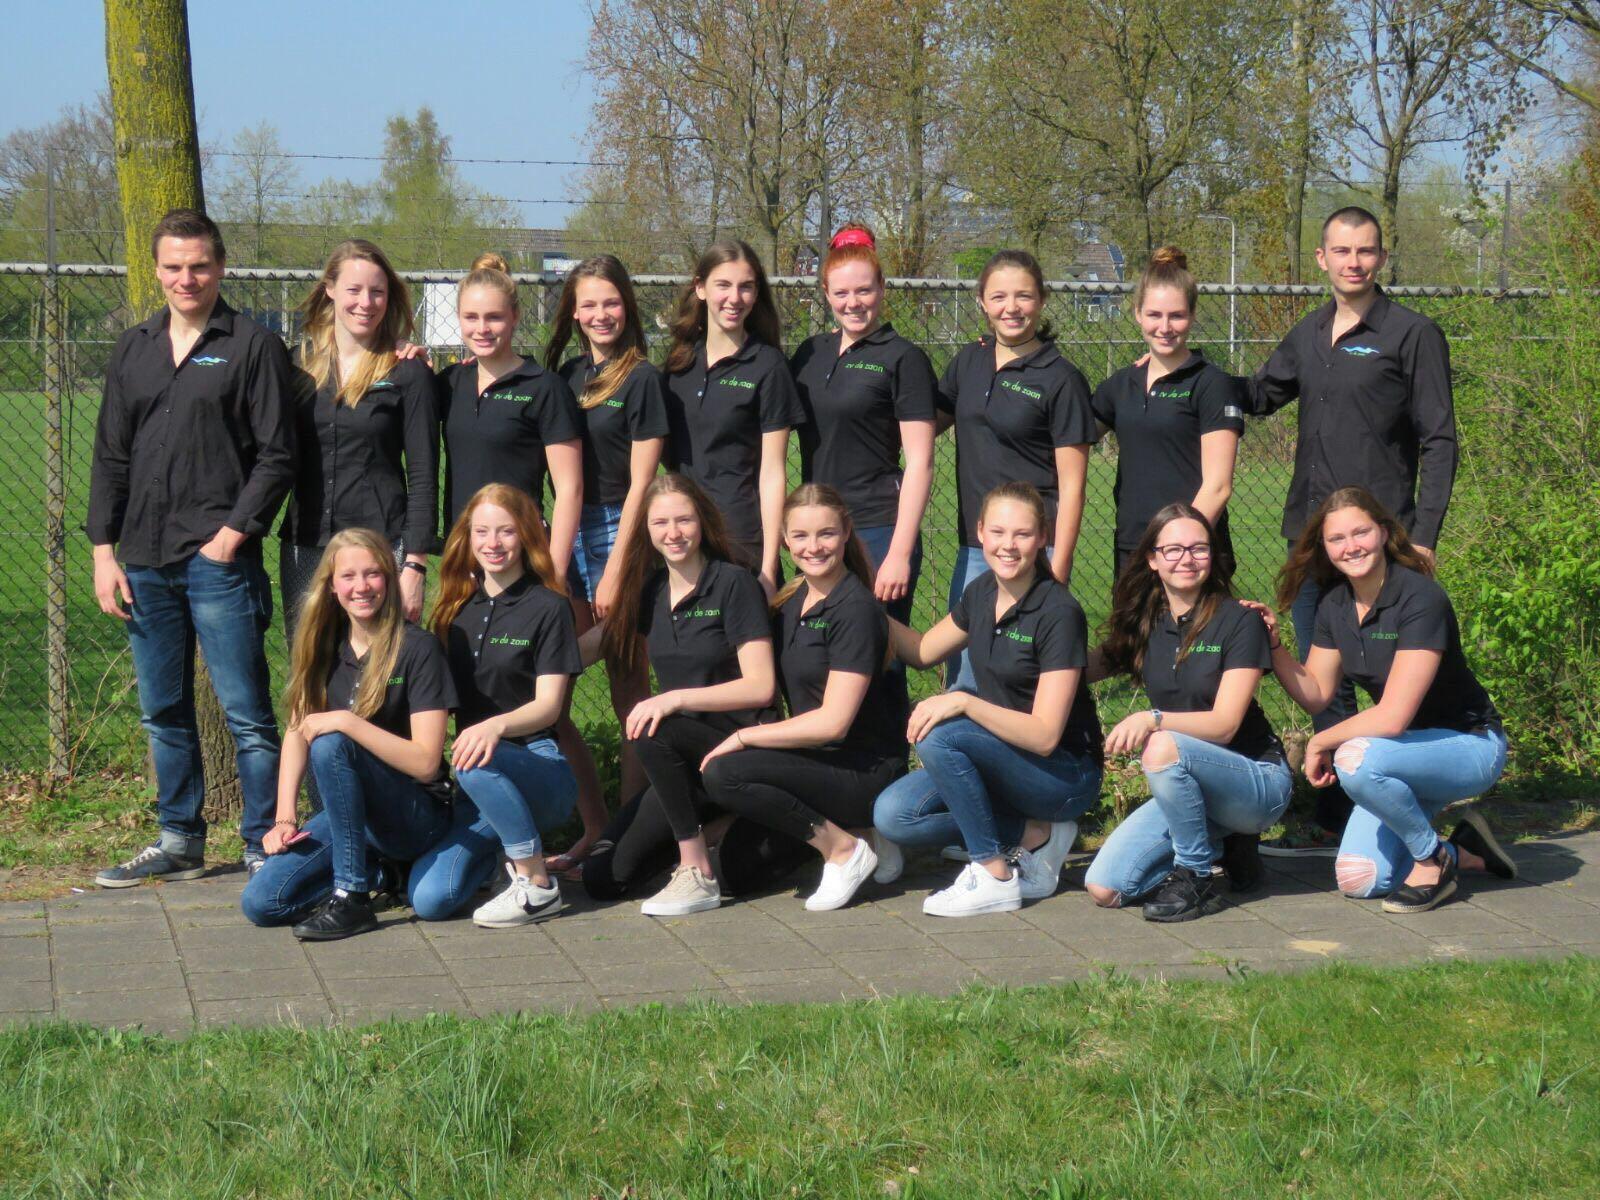 Meisjes De Zaan op 1-0 in strijd om landstitel!